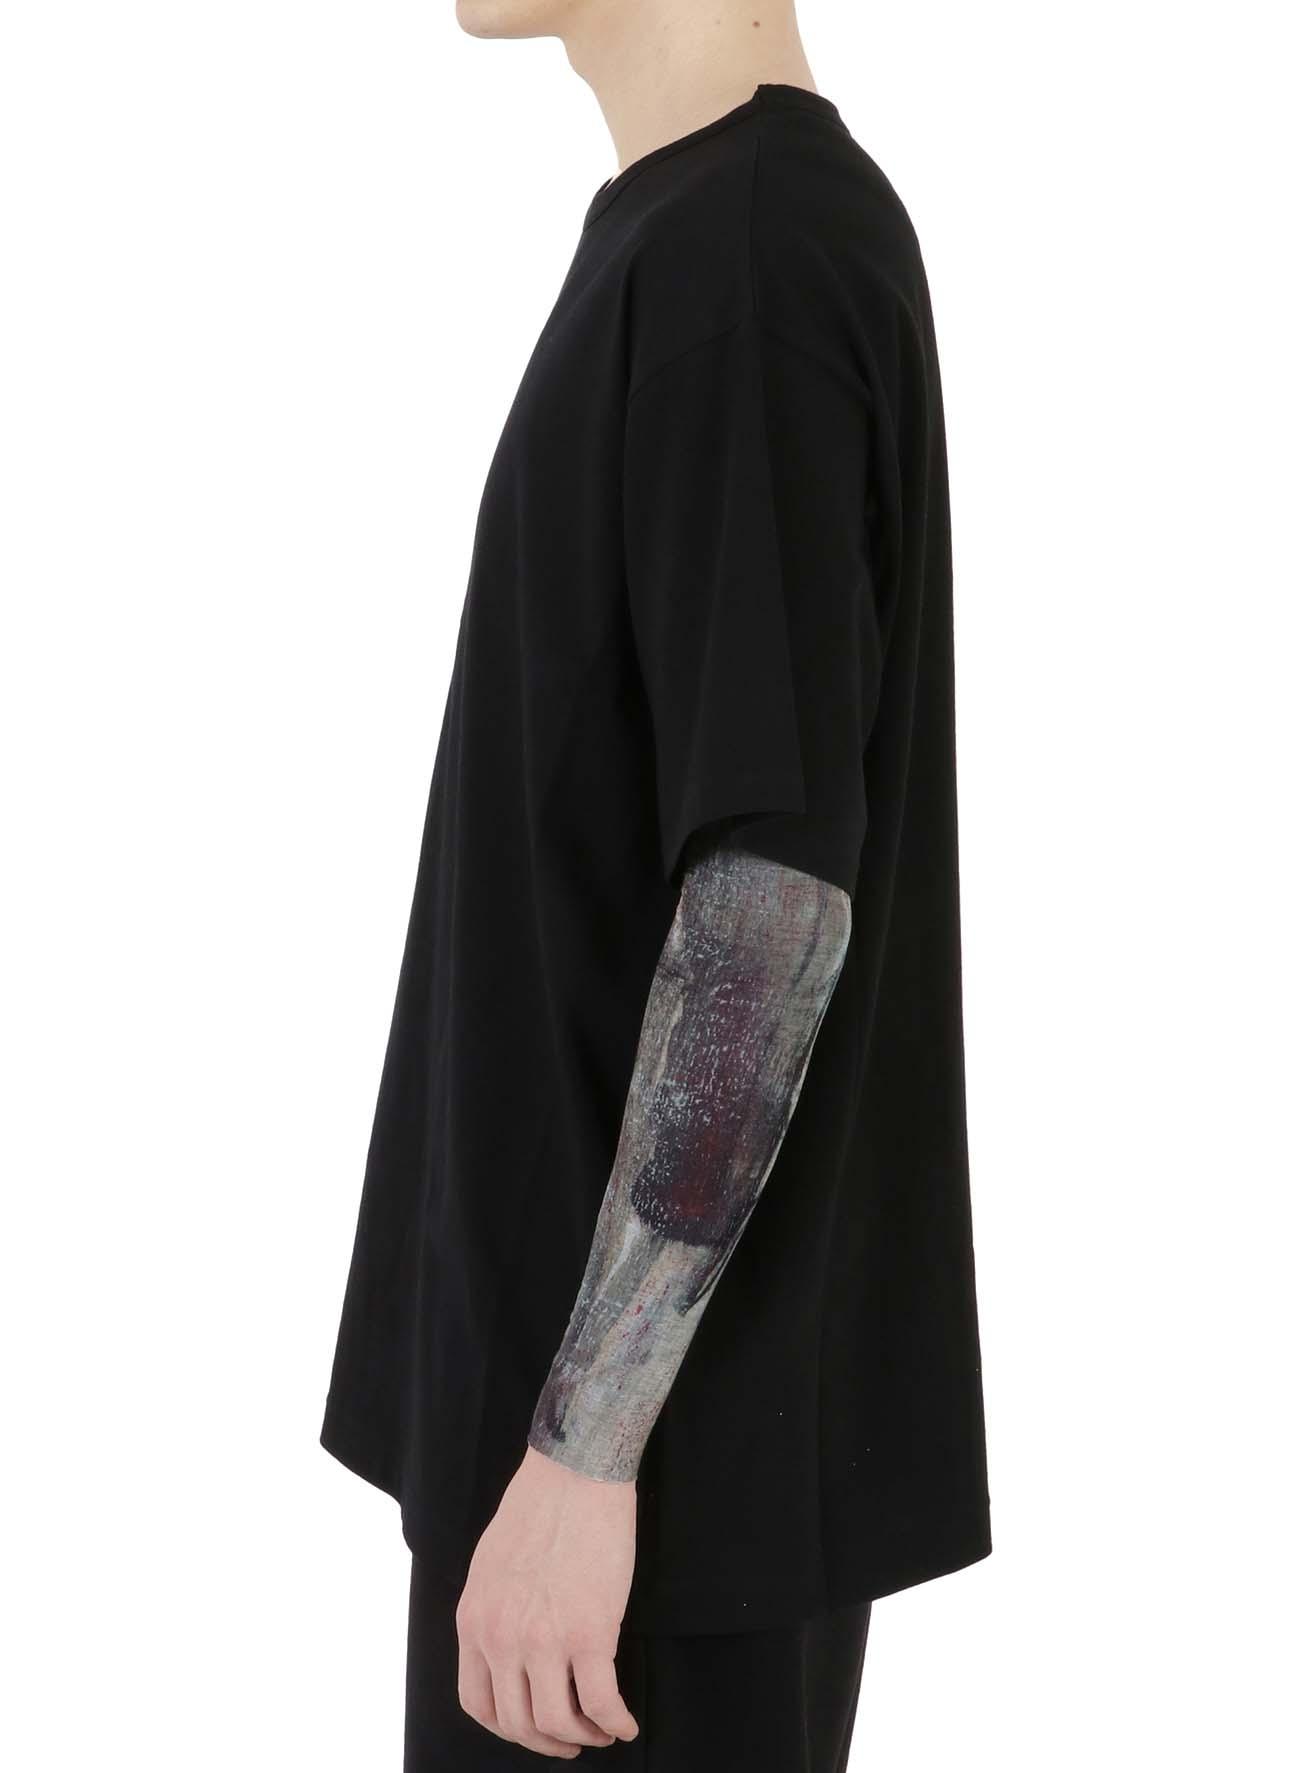 OUTLAST PLAIN STITCH ARM WARMER B